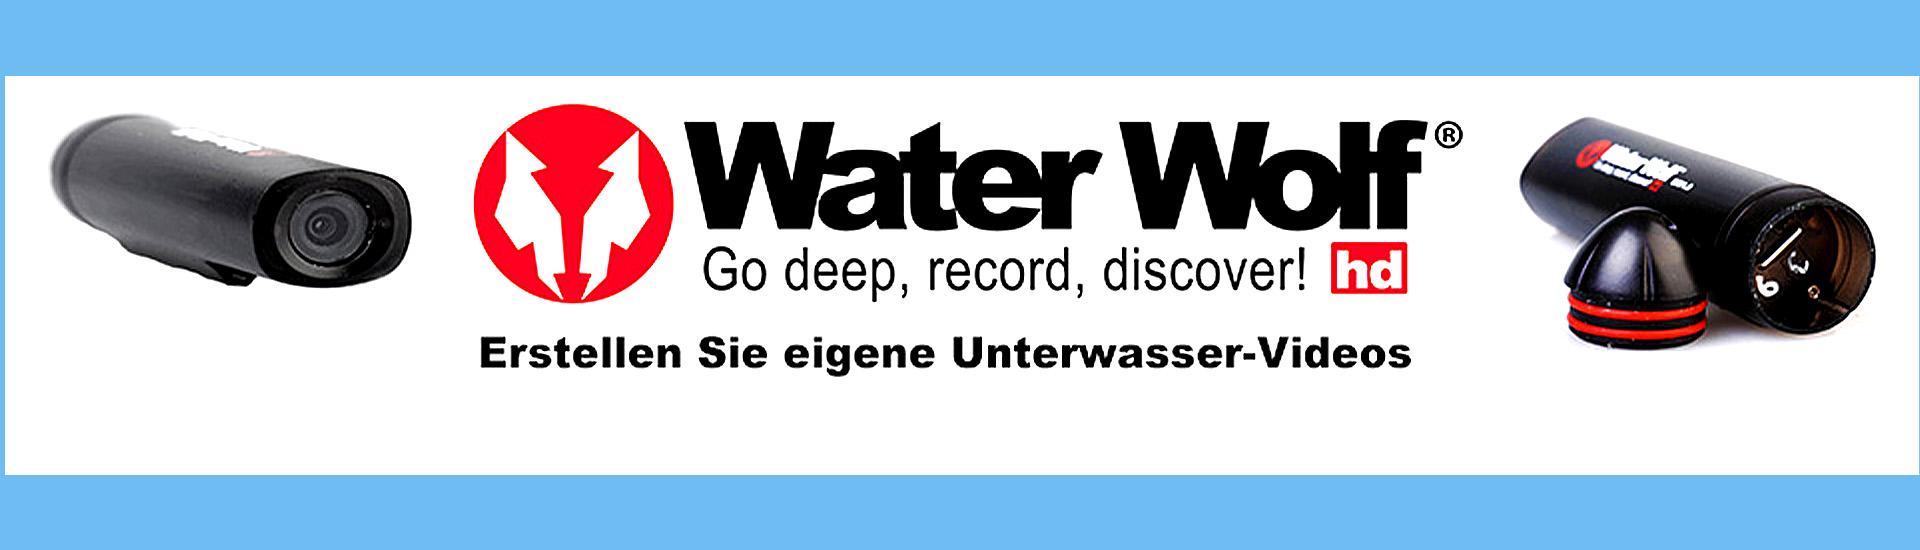 Water Wolf Unterwasserkamera